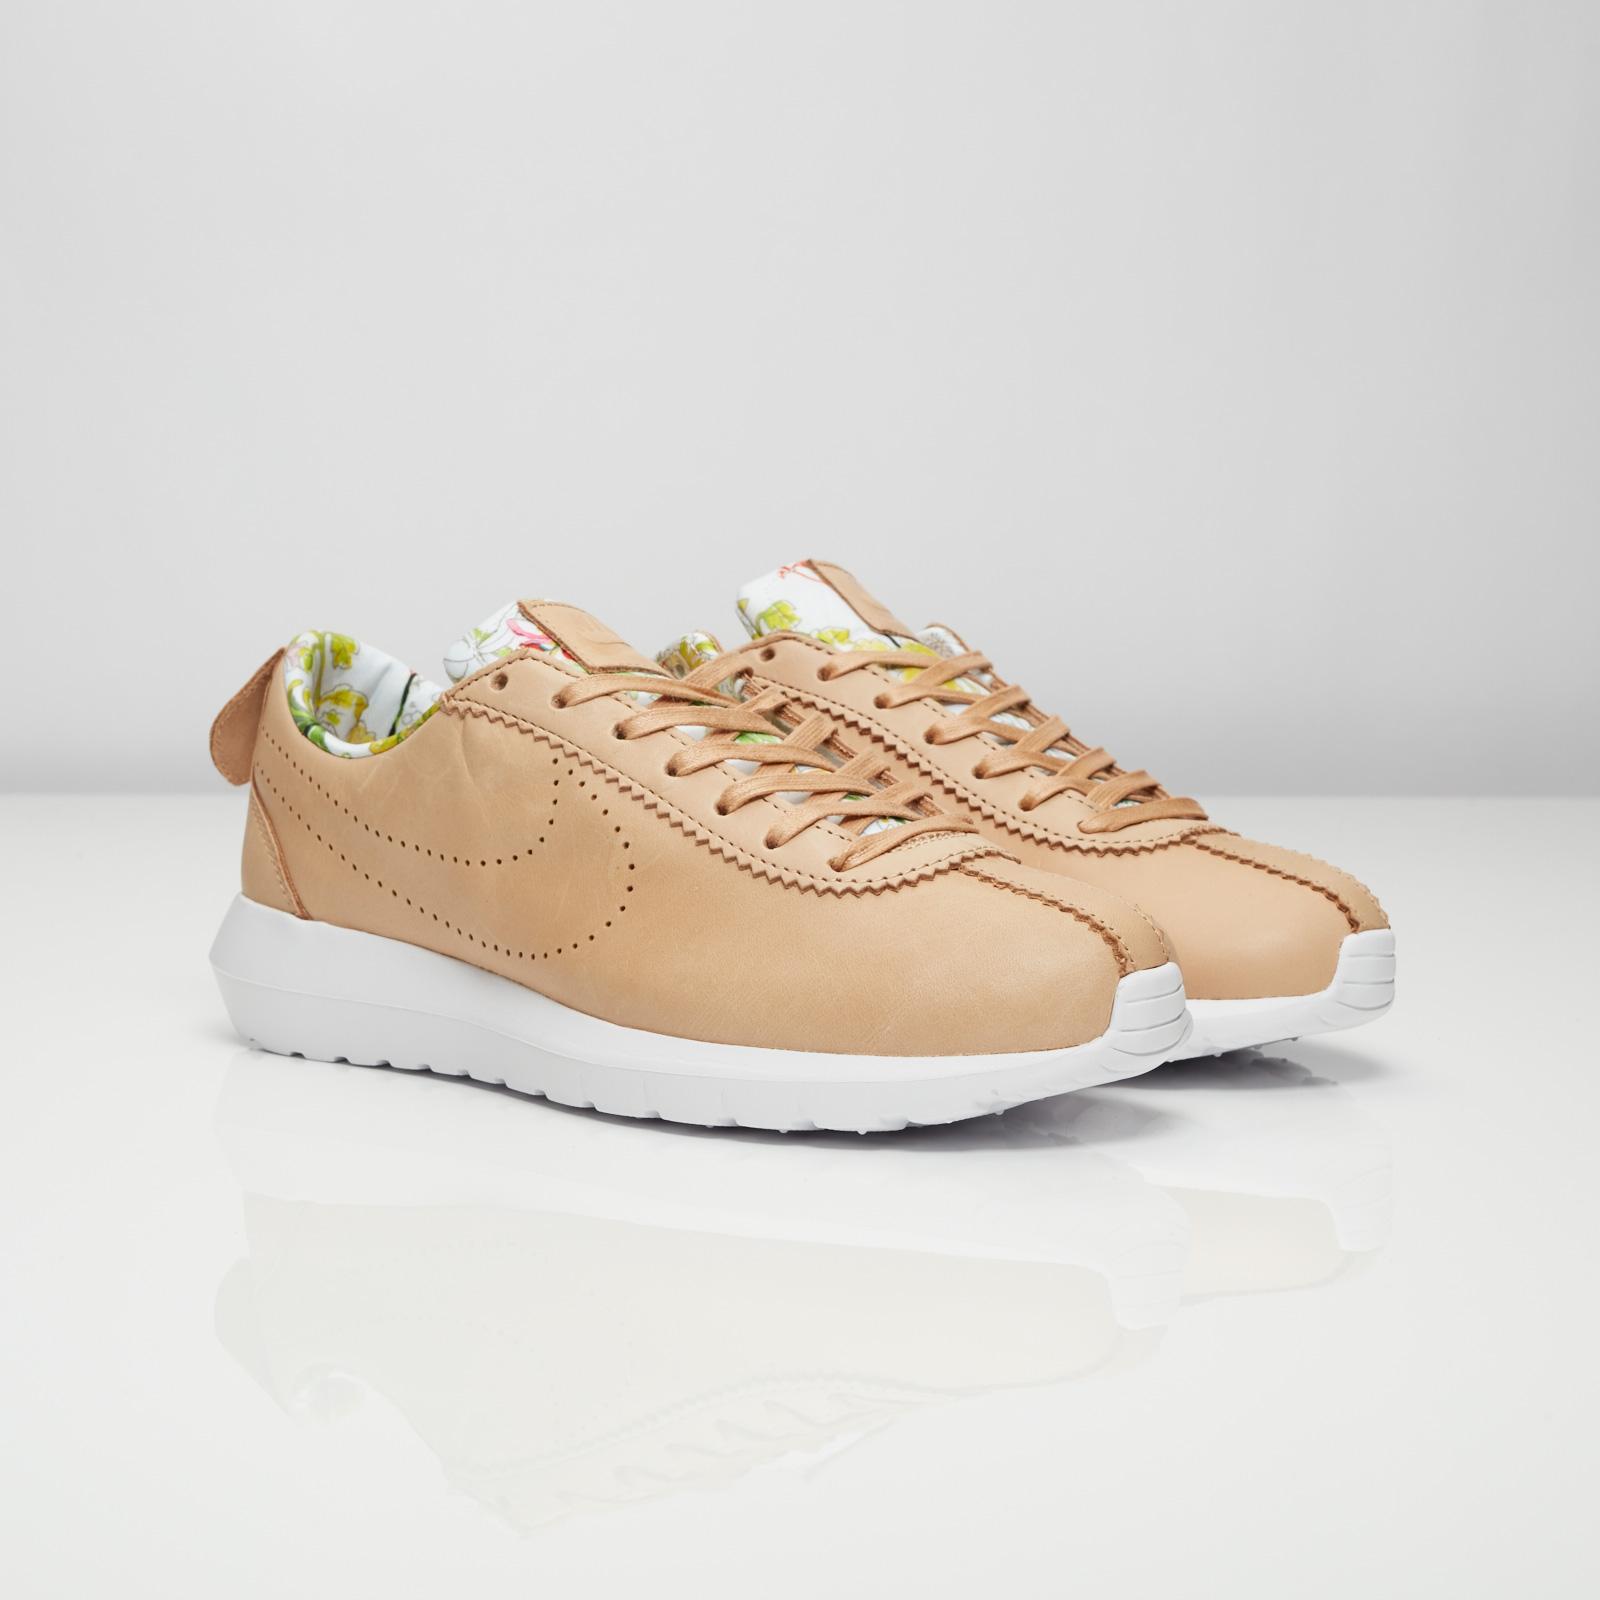 f6f5866b69126 Nike W Roshe Cortez NM LIB QS - 843847-200 - Sneakersnstuff ...